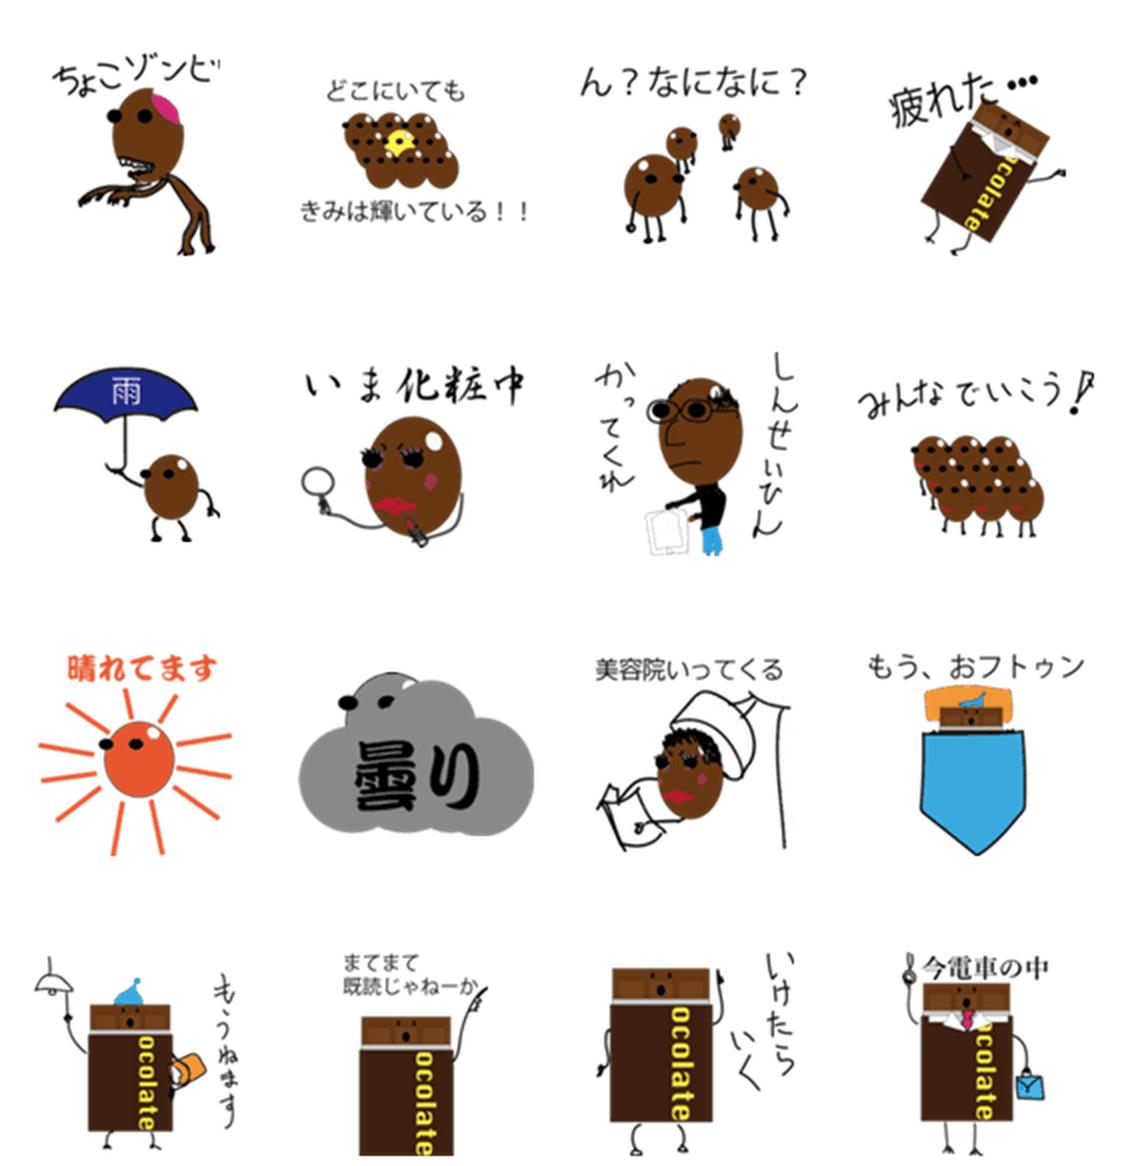 LINEクリエーターズスタンプ チョコちゃん 2